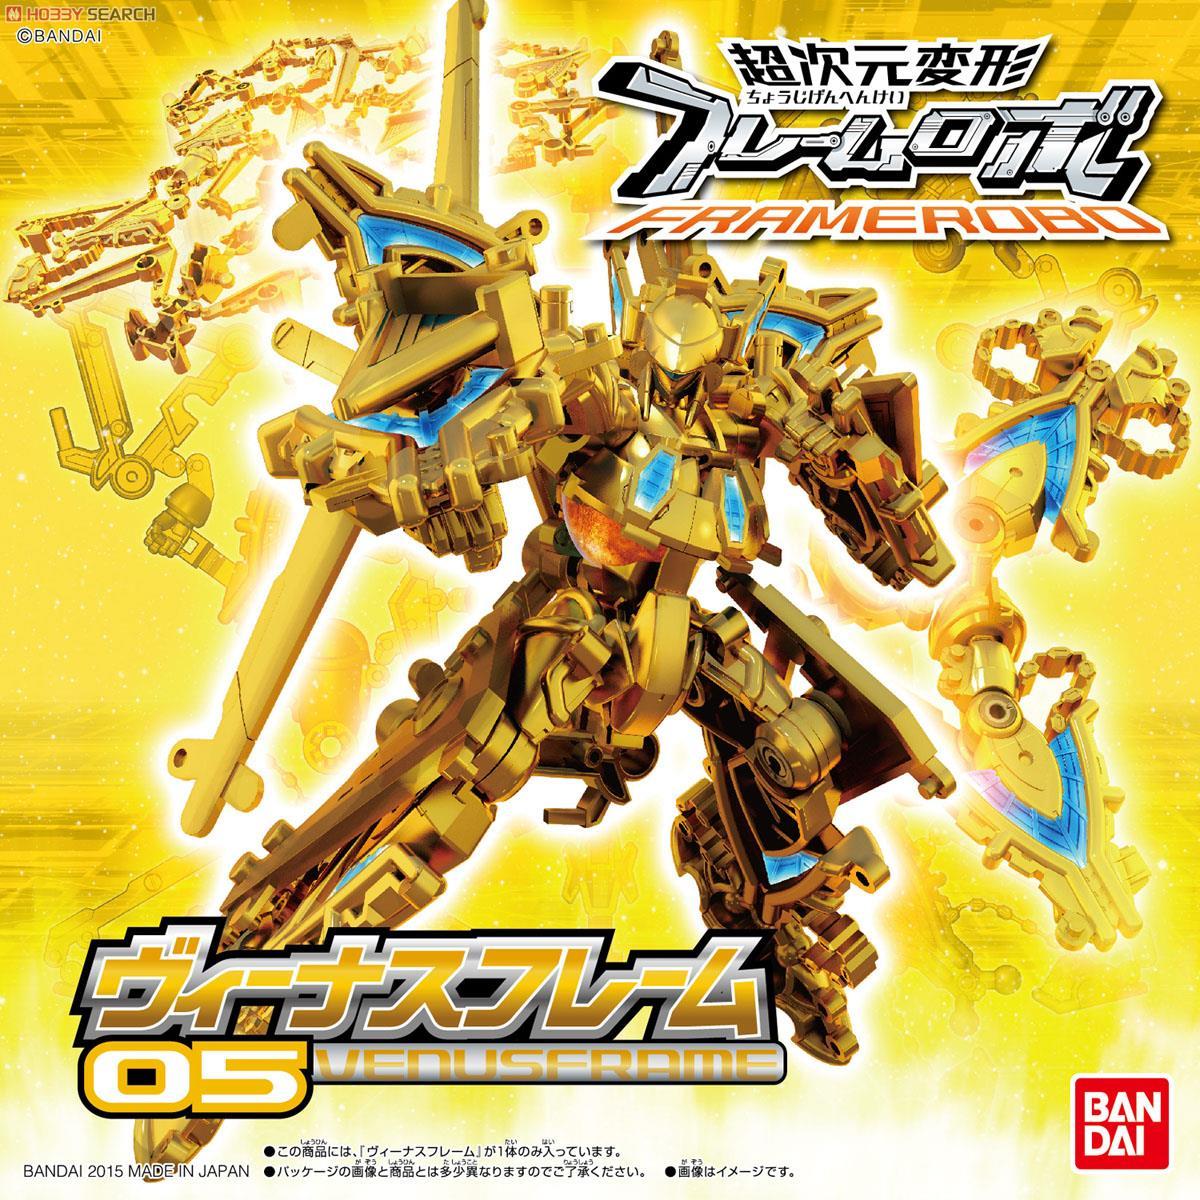 ◆時光殺手玩具館◆ 現貨 組裝模型 模型 BANDAI 超次元變形 骨架機器人 金星戰士 05